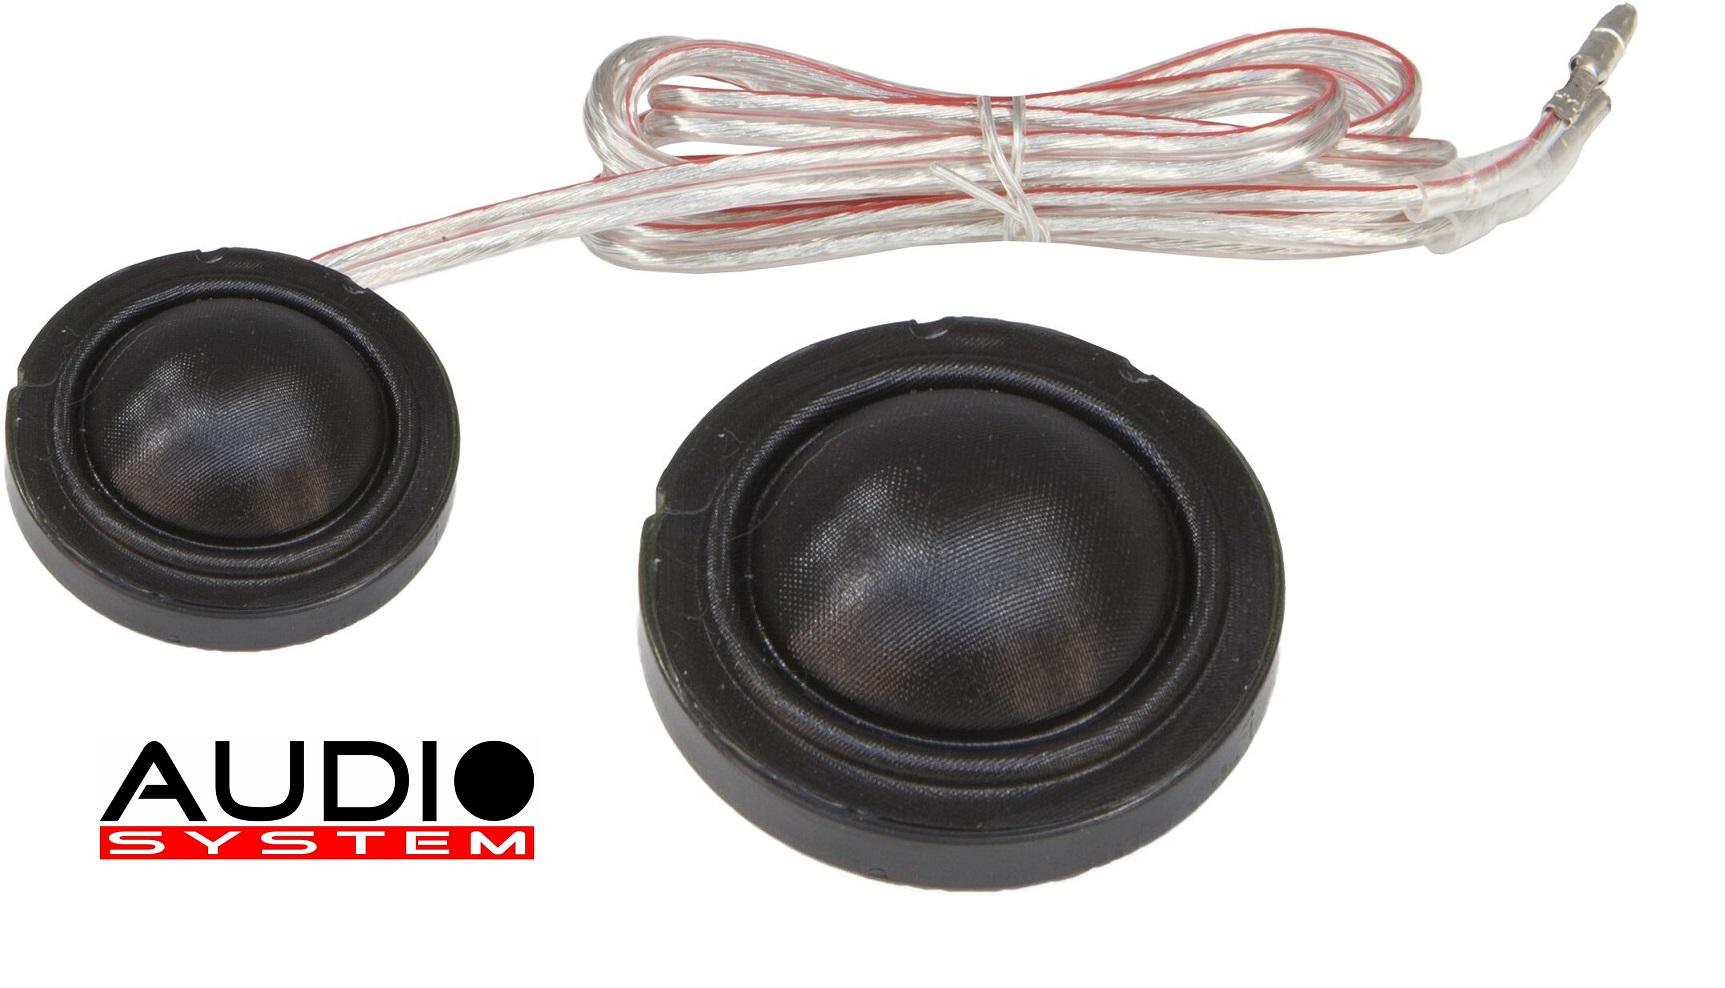 Audio System HS 24 INSTALL EVO 2 25 mm Gewebe-Unterbau-Neodymhochtöner 1 Paar Hochtöner Tweeter